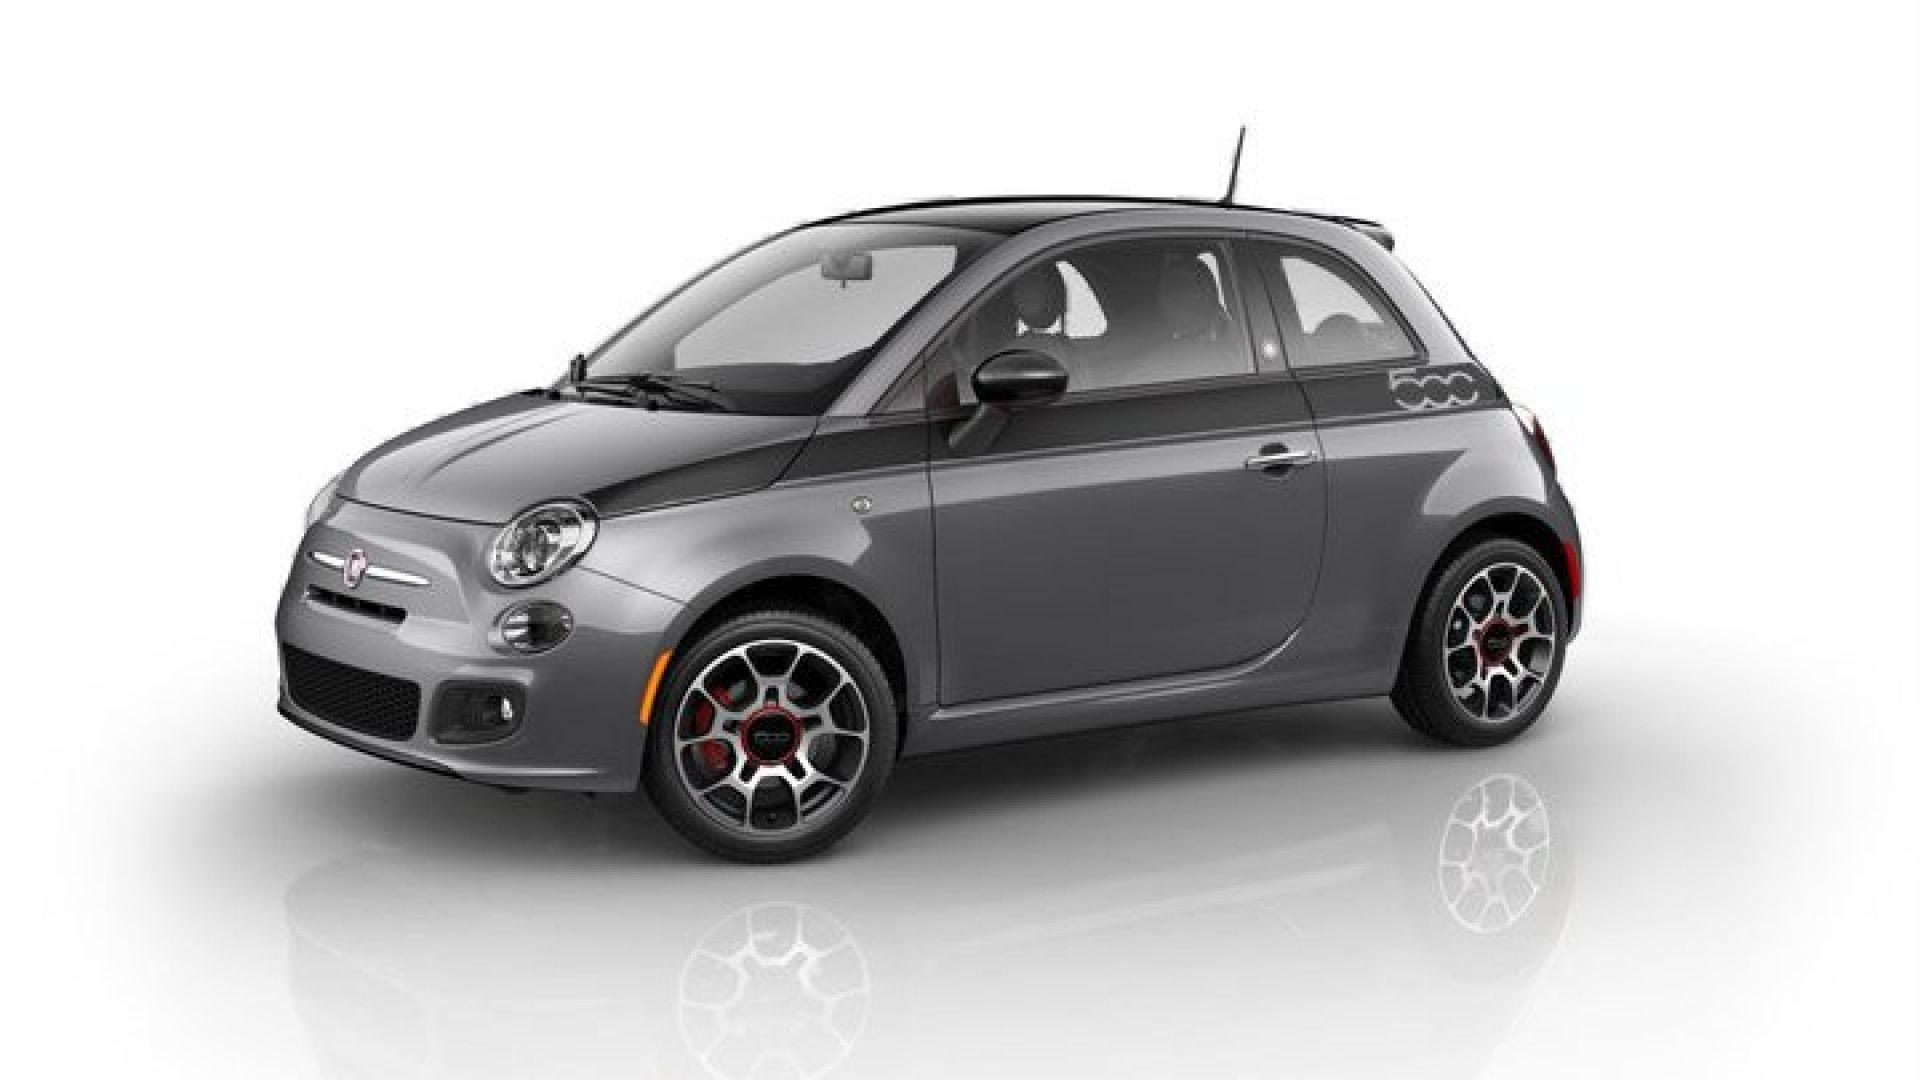 Fiat usa prima edizione motorbox